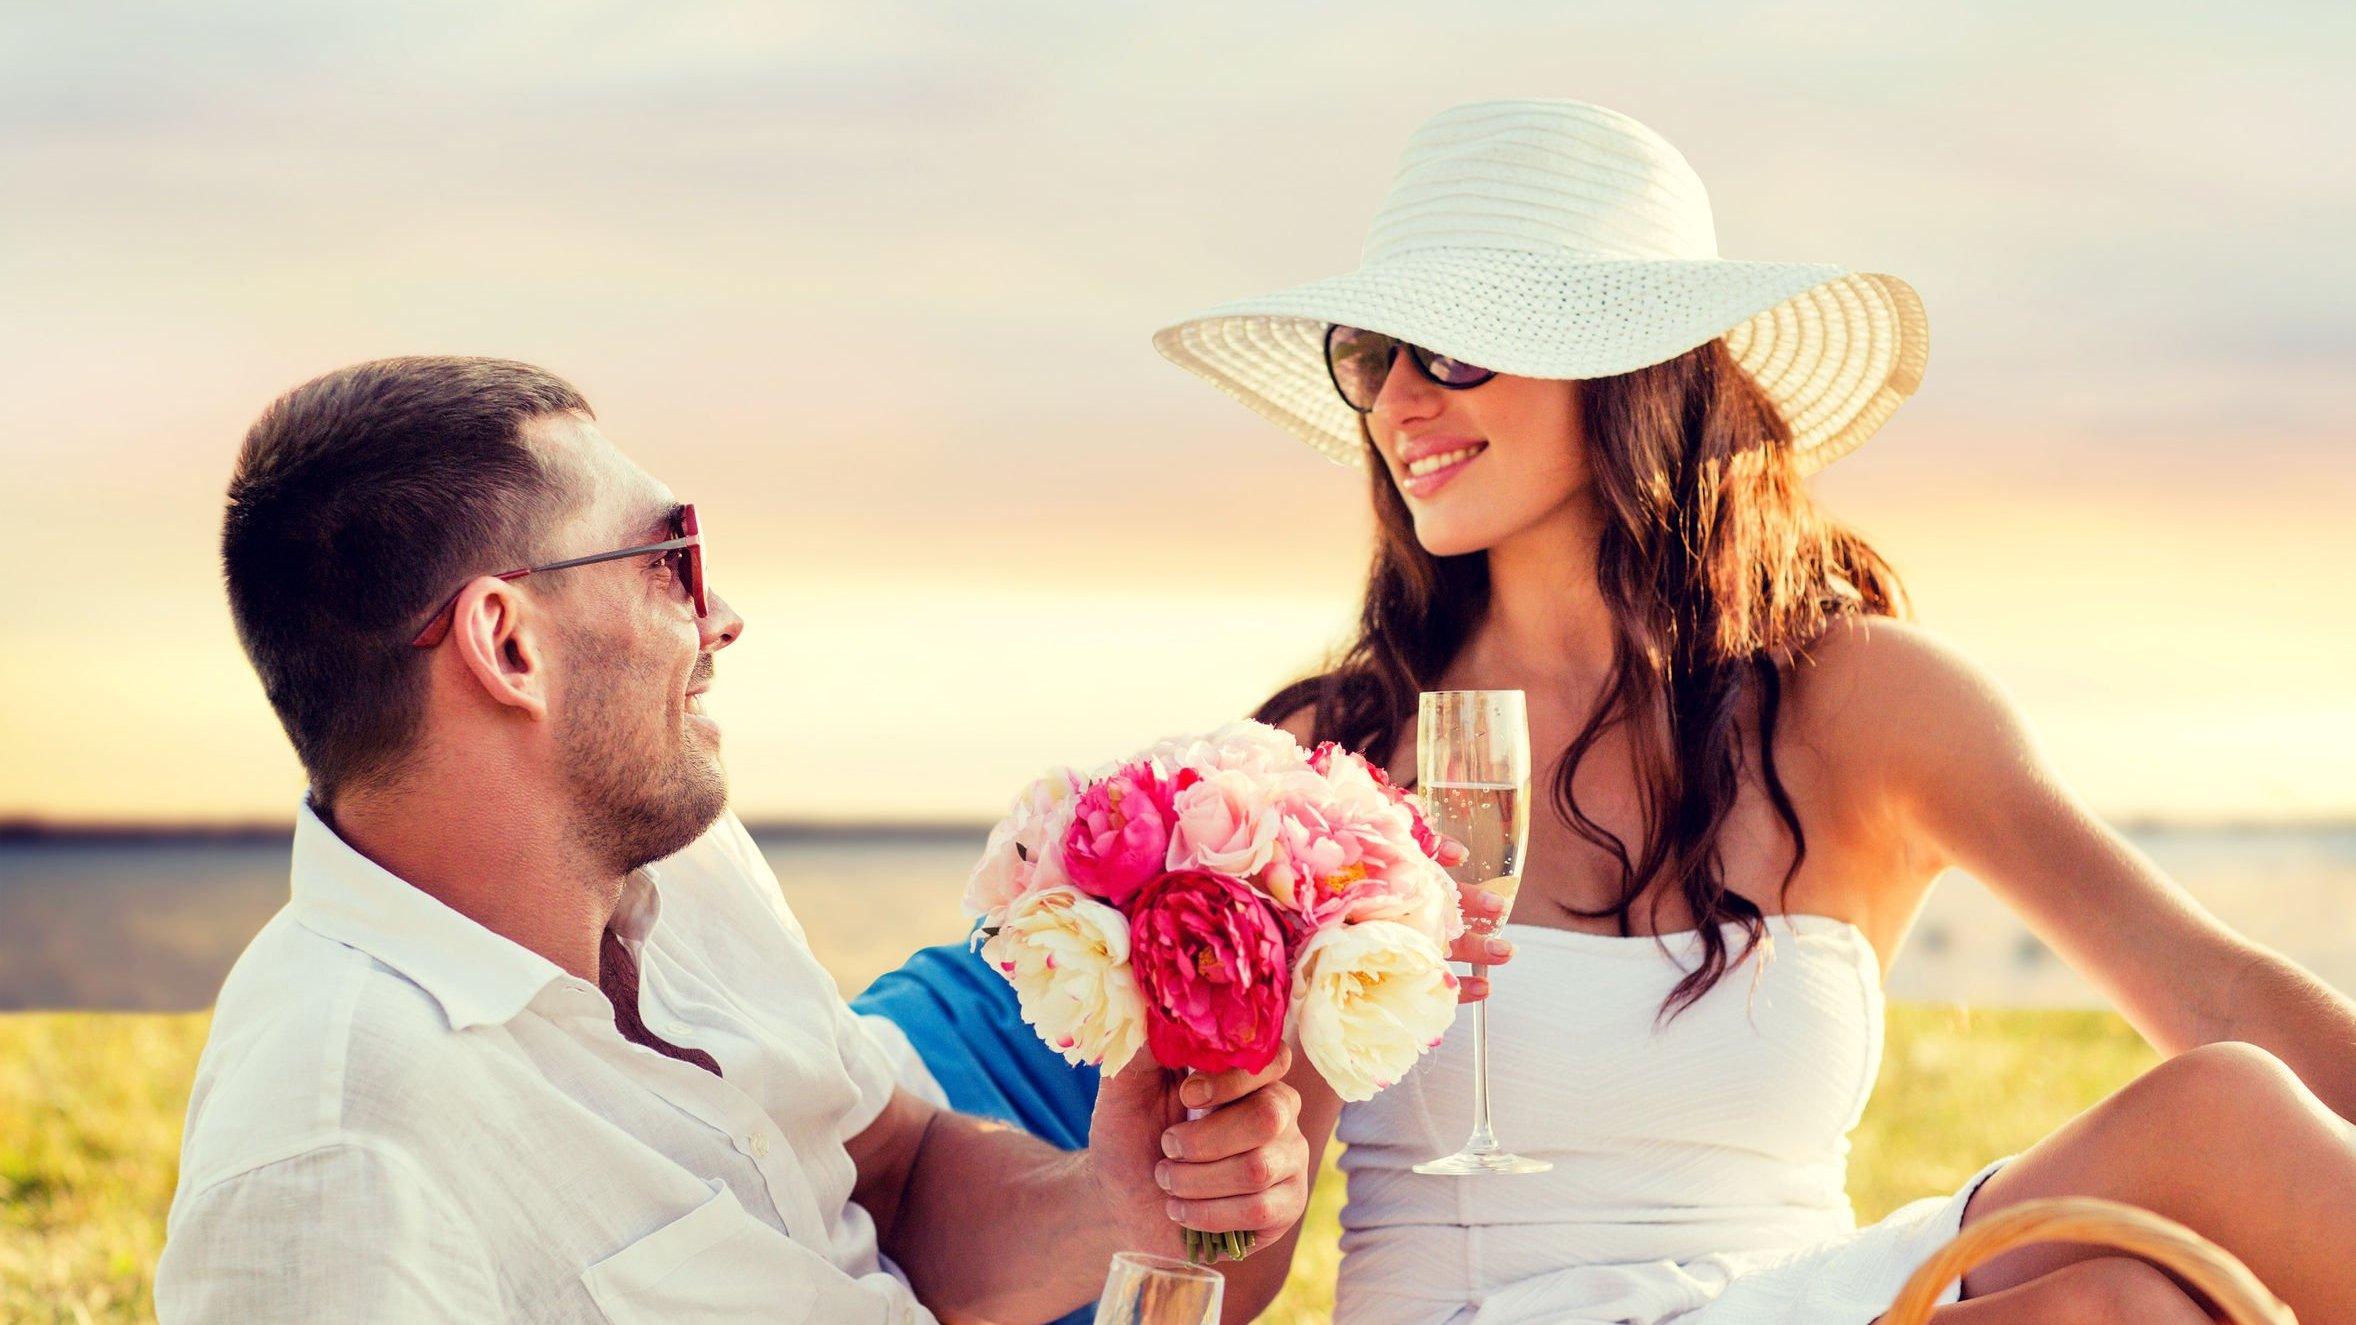 Homem dando flores para mulher